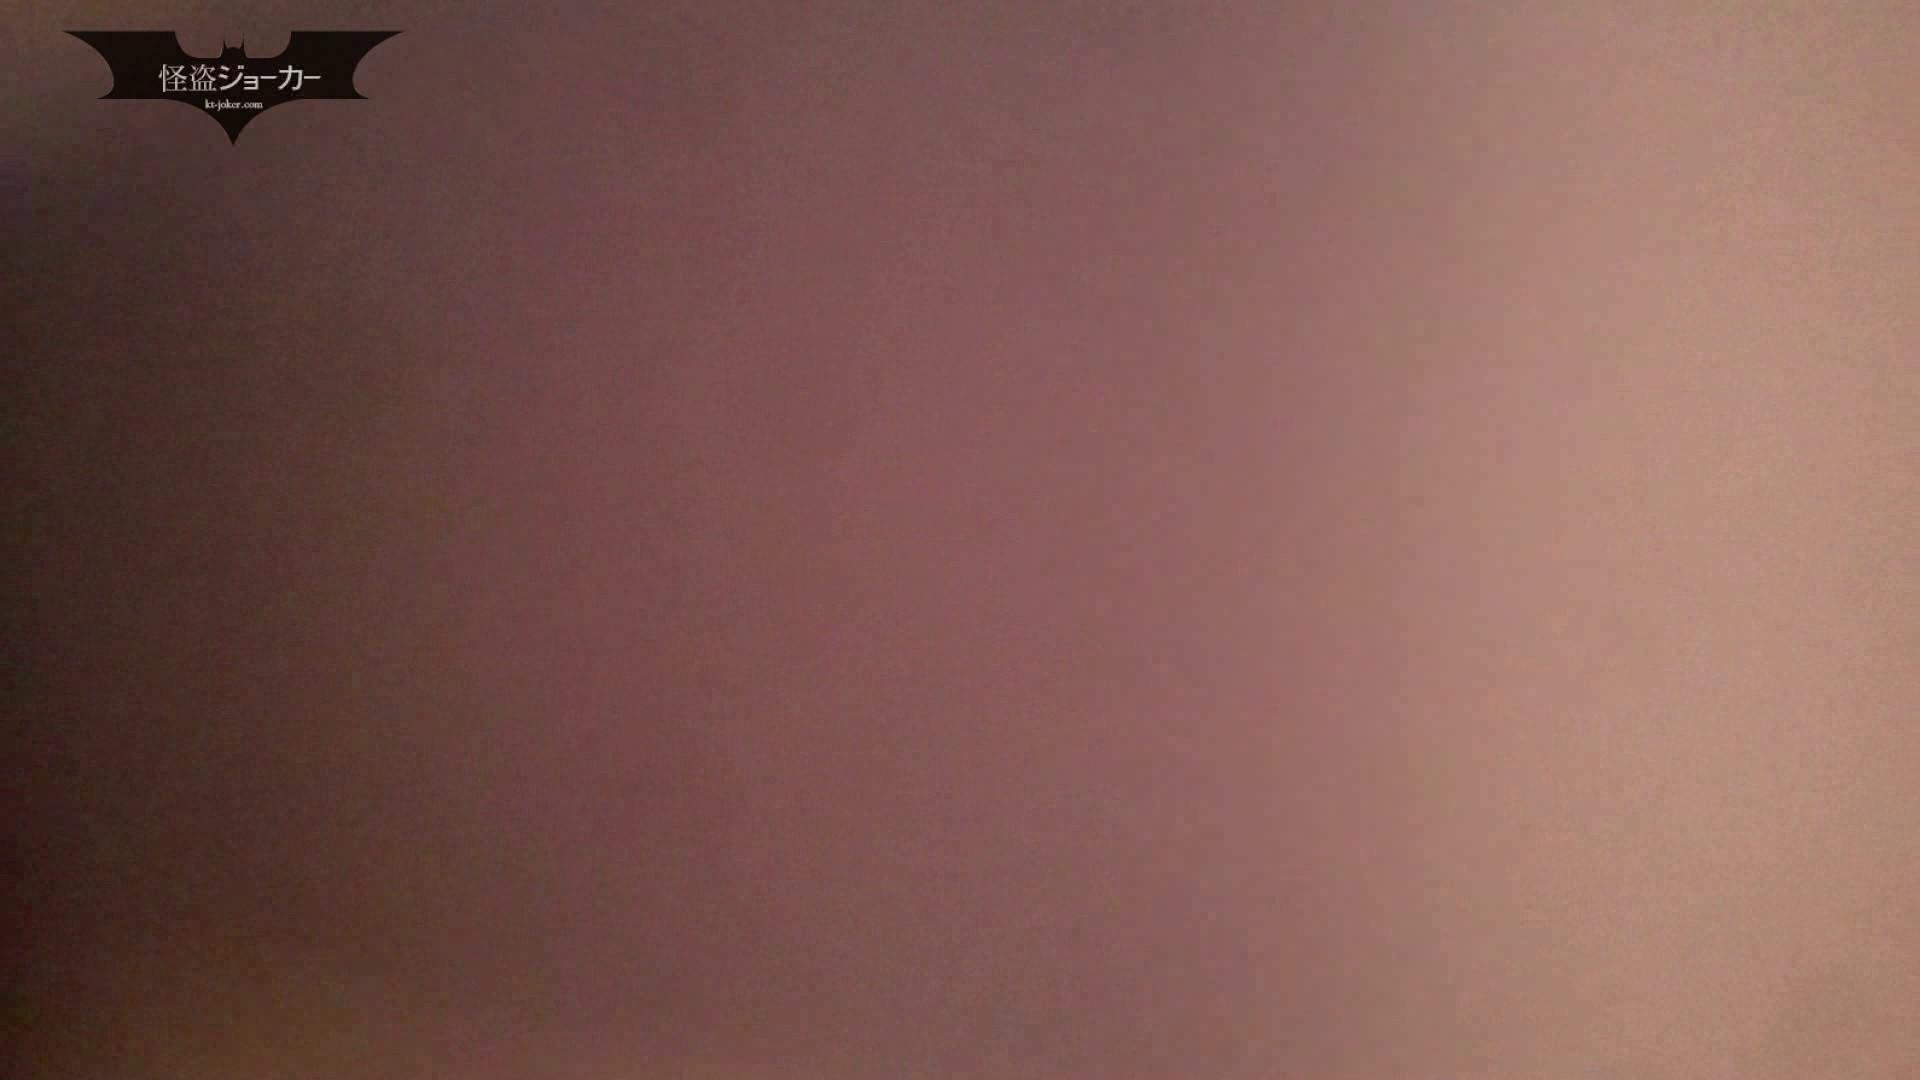 化粧室絵巻 番外編 VOL.19 0   0  83画像 46